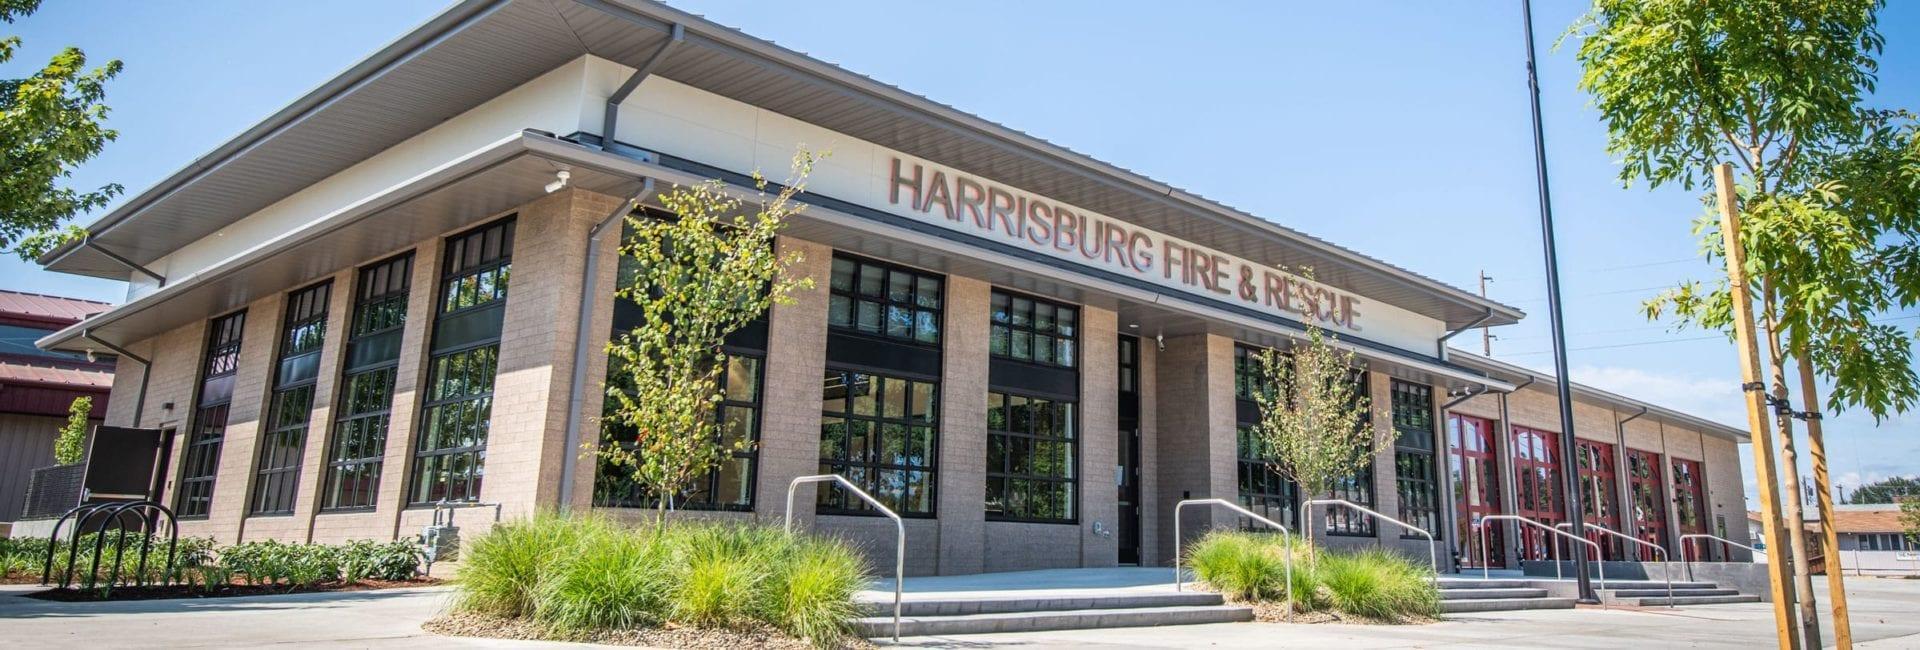 Harrisburg Fire & Rescue